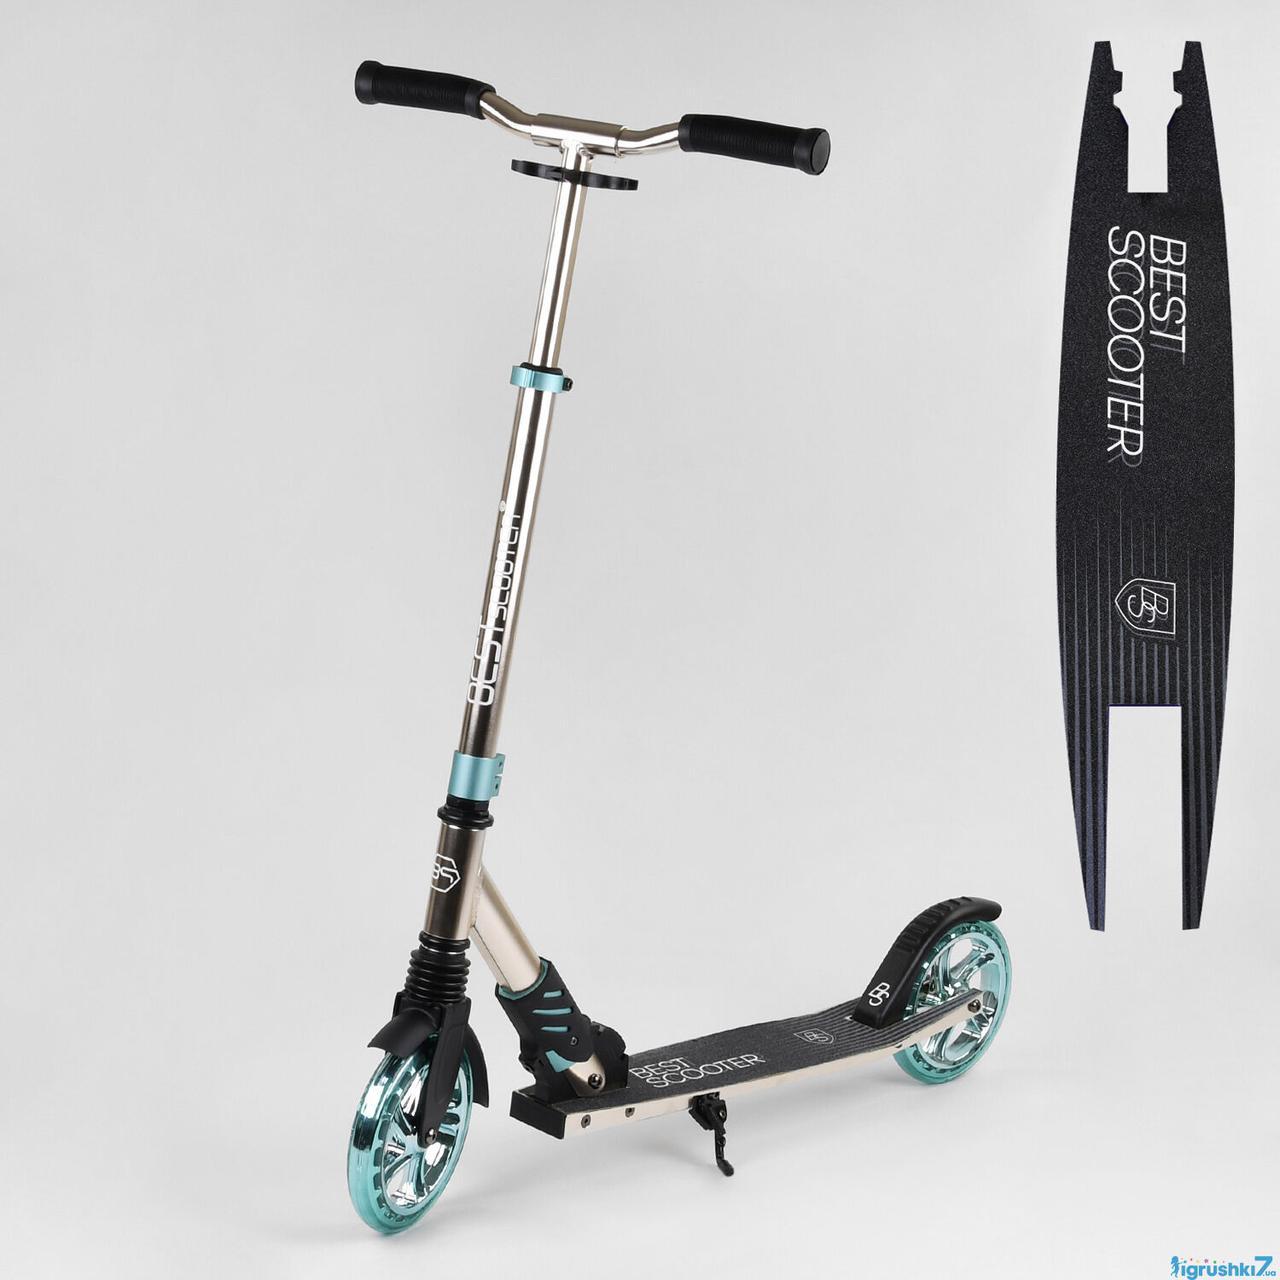 """Алюмінієвий Самокат """"Best Scooter"""" S-10133 (2) колеса PU, d коліс - 180мм, 1 амортизатор передній"""